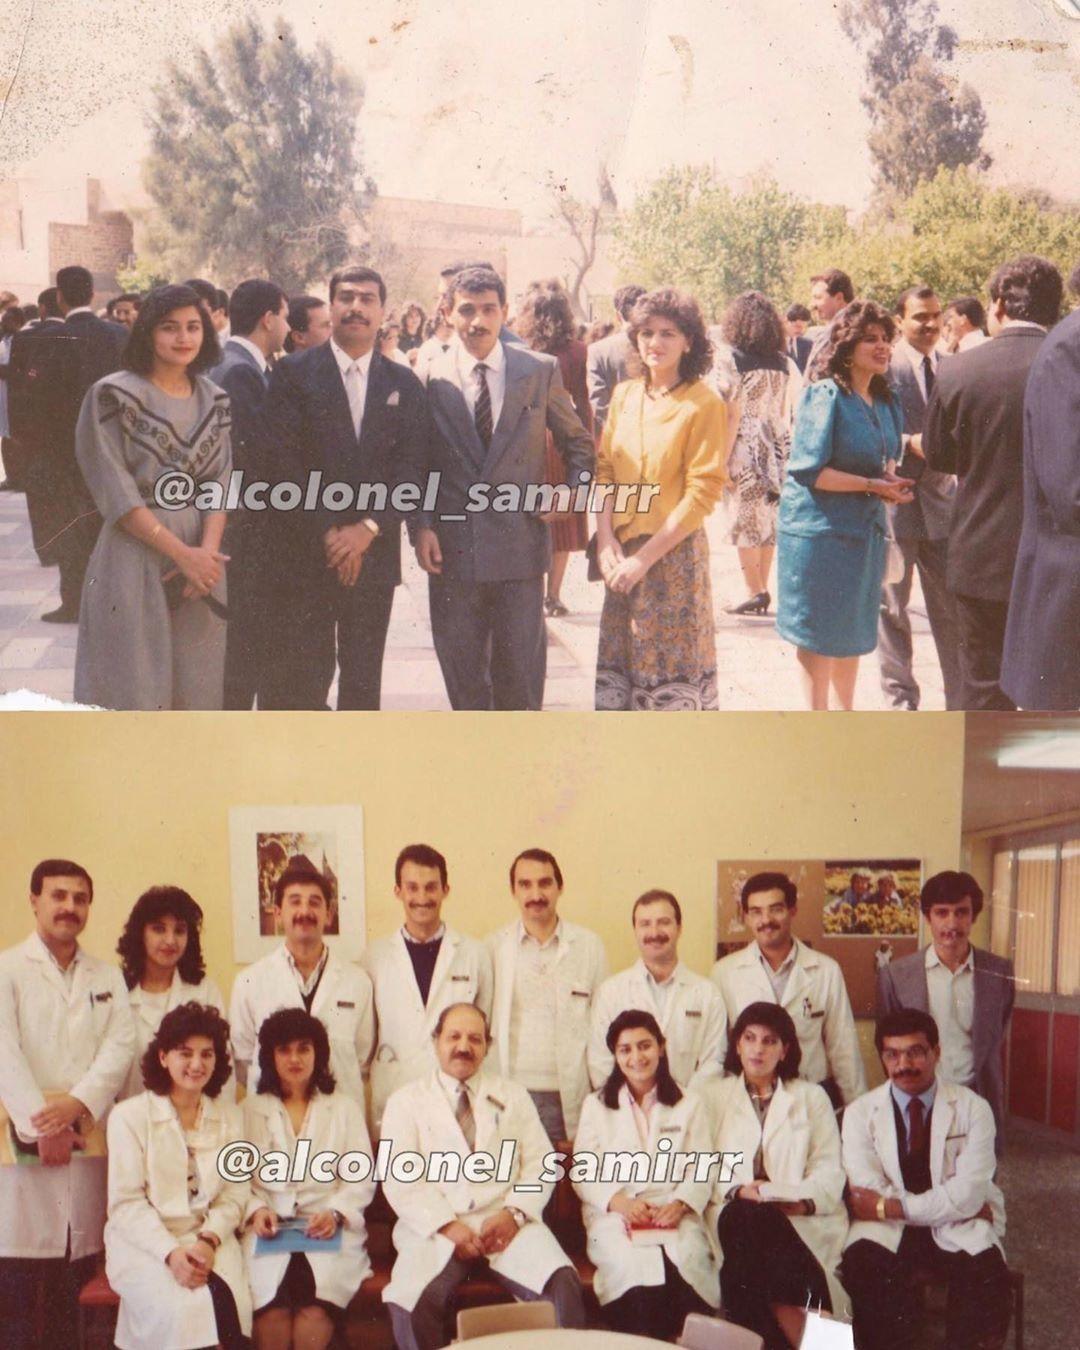 العراق لقطات تذكاريه لطلبة كلية الطب الجامعة المستنصرية نهاية الثمانينات Photo Wall Photo Decor